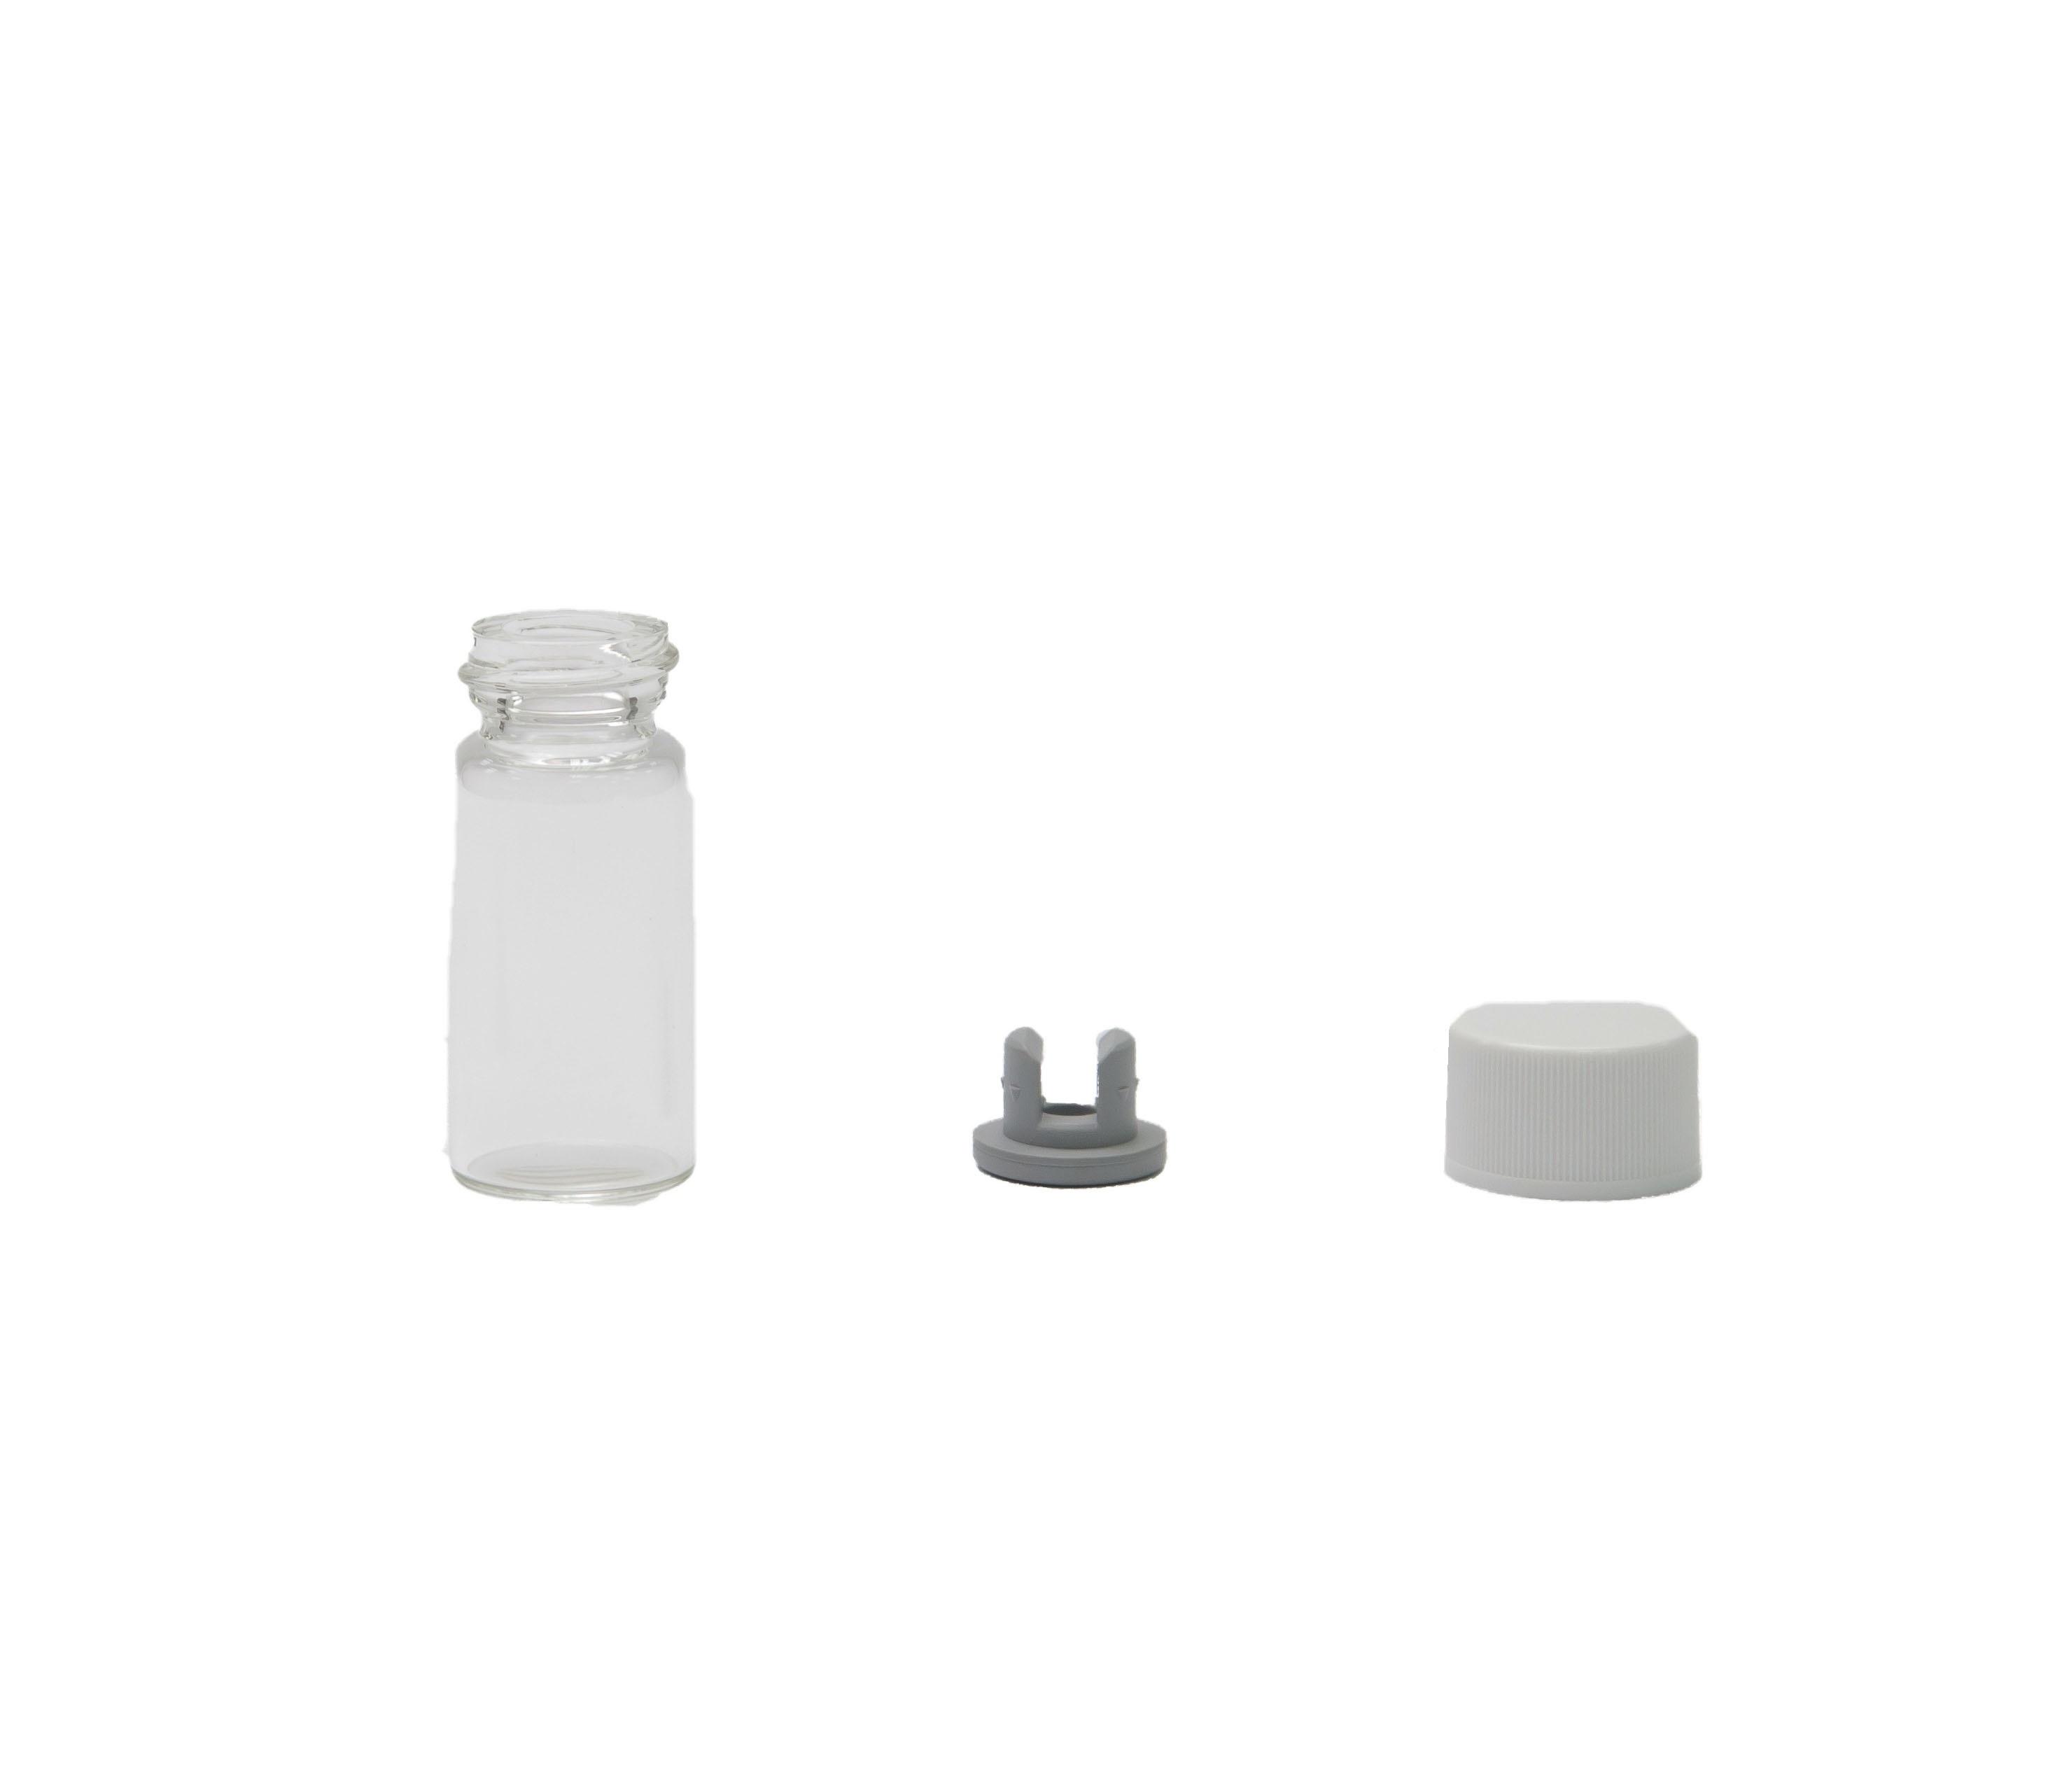 10C.C 螺旋牙西林瓶 附橡皮塞及鋁蓋產品圖-0